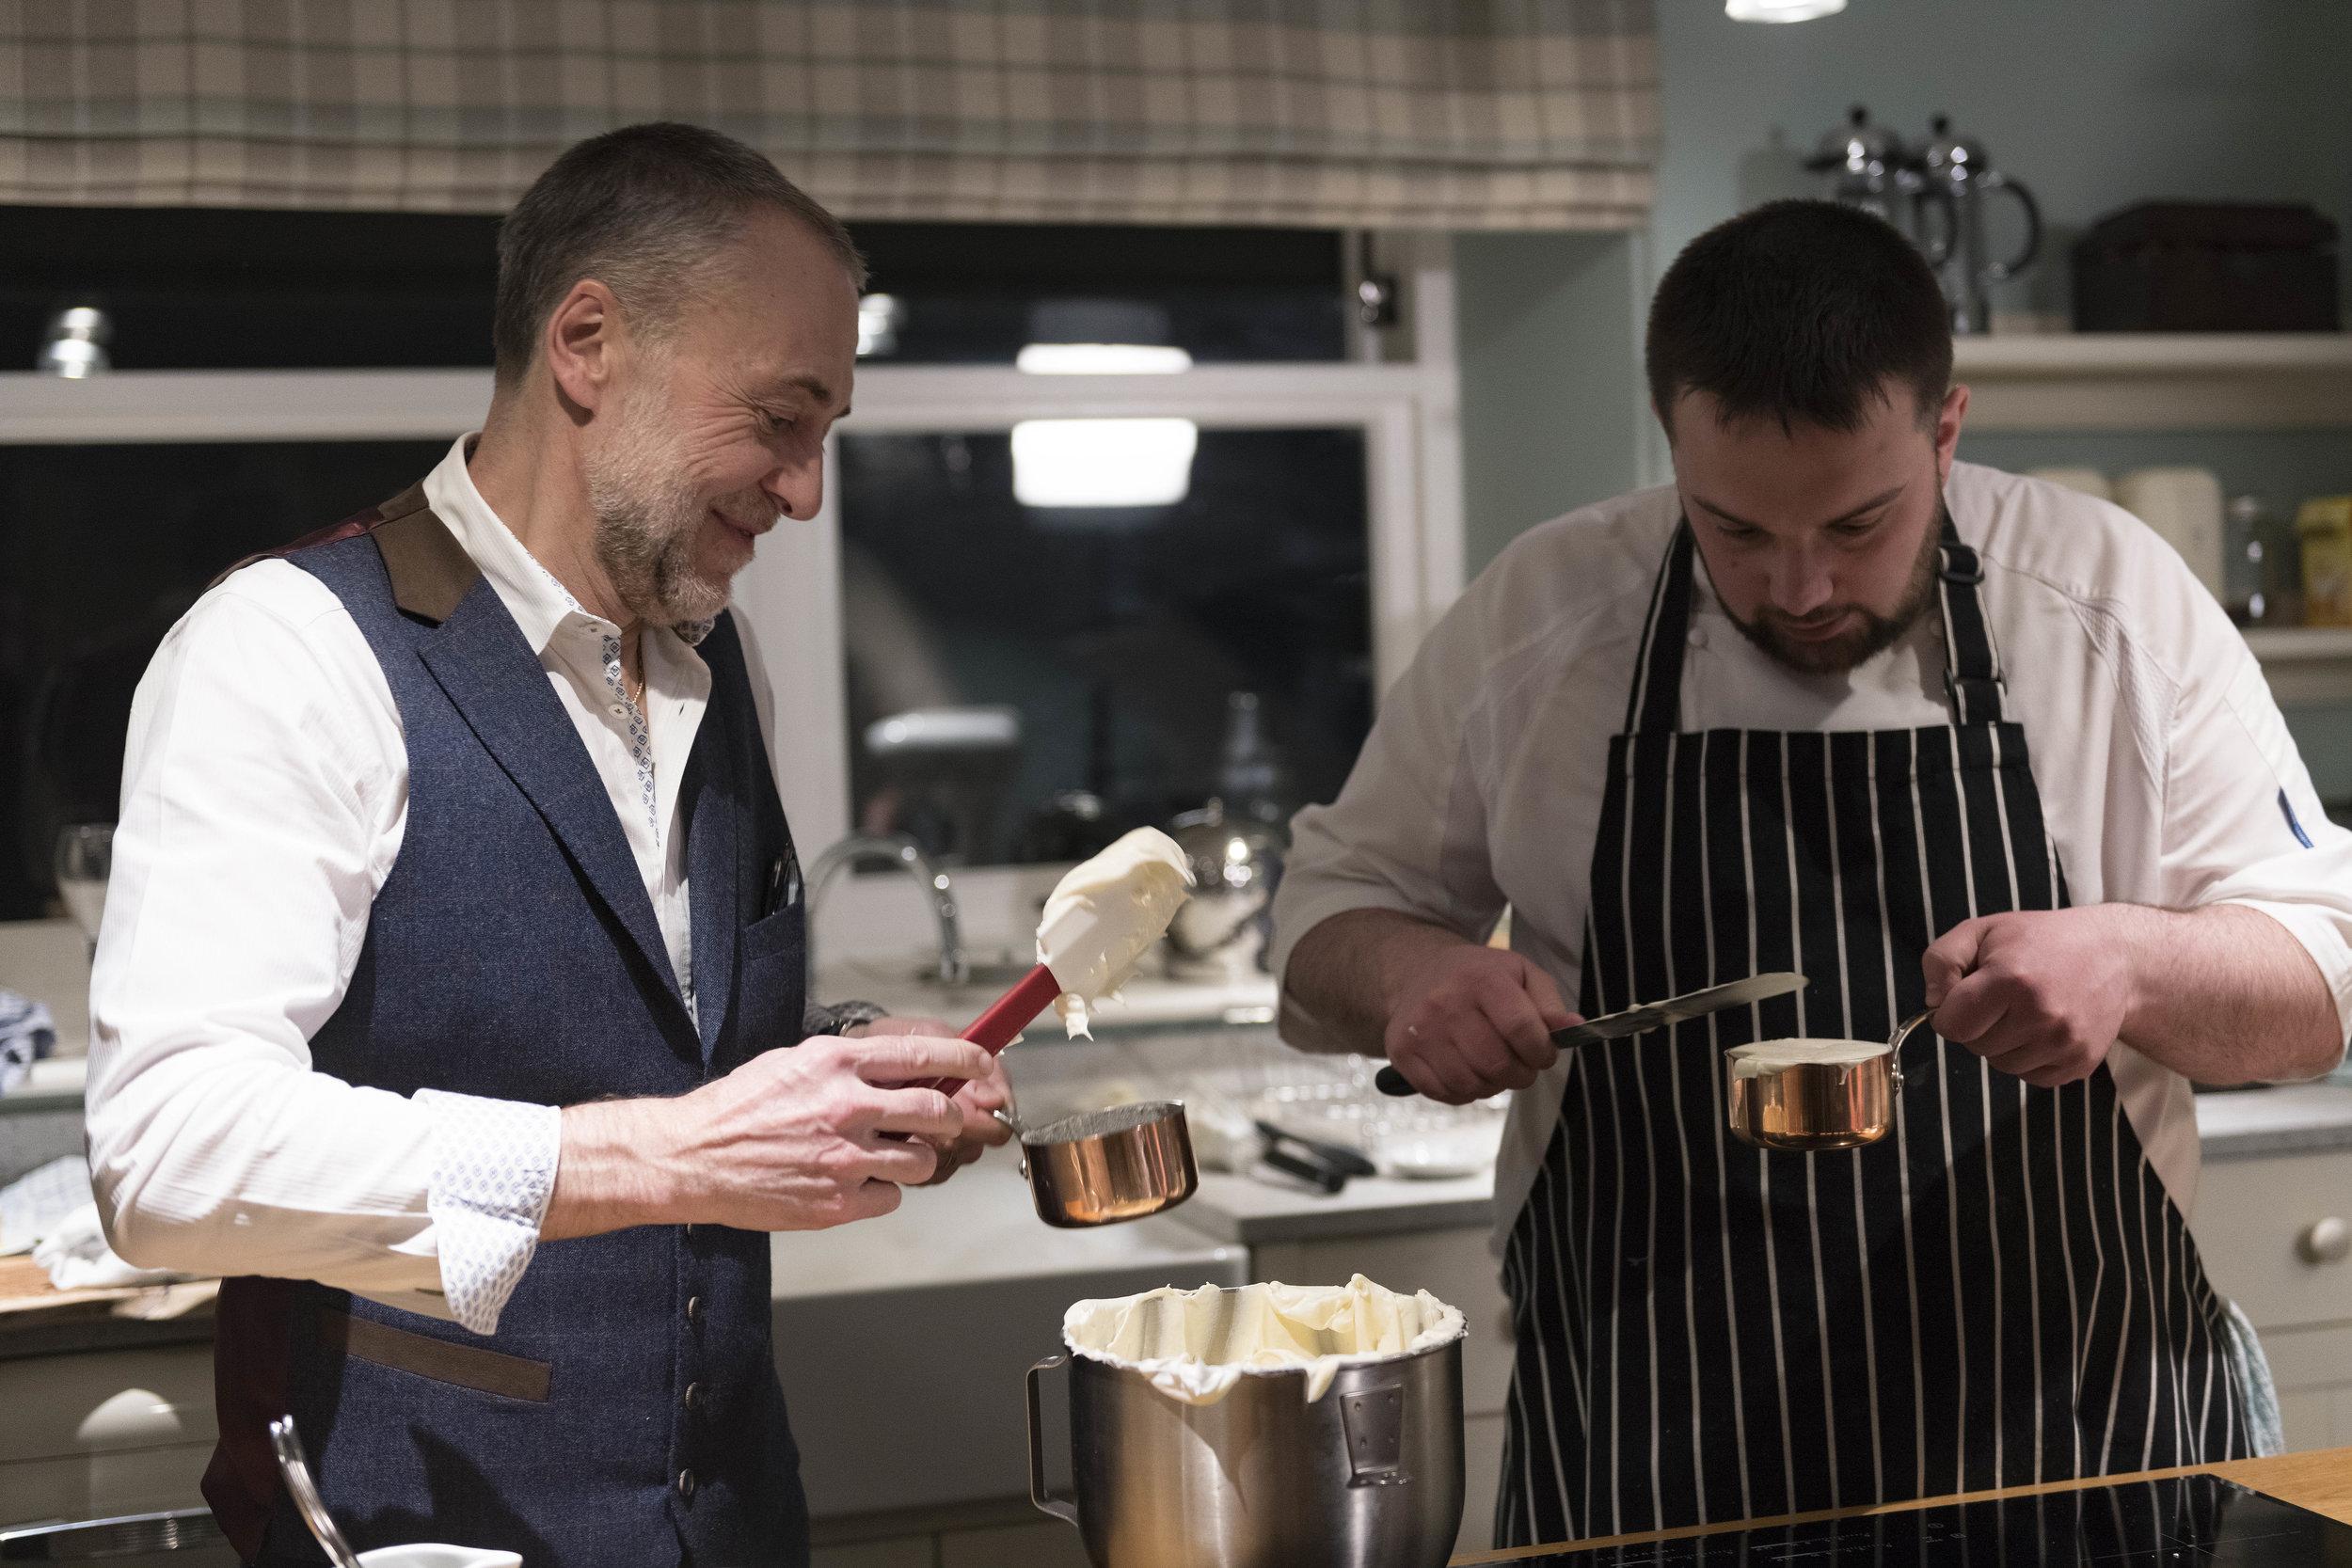 Craftsmen's Dinner - Michel Roux JR and Balvenie whisky